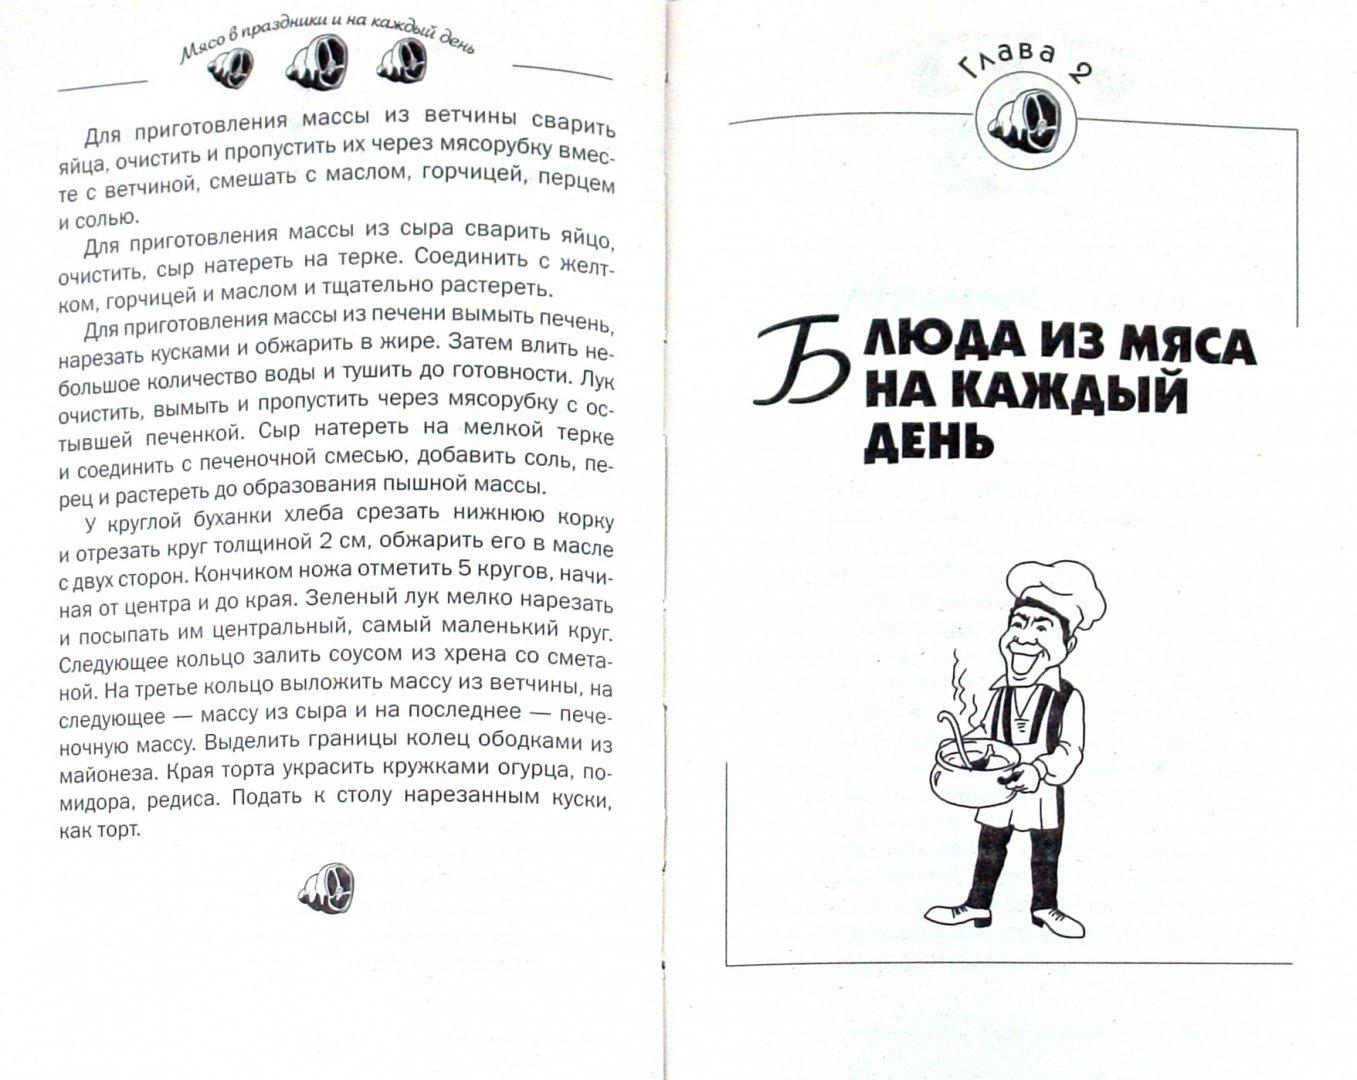 Иллюстрация 1 из 9 для Мясо в праздники и на каждый день - Гаврилова, Алексеева, Ращупкина   Лабиринт - книги. Источник: Лабиринт